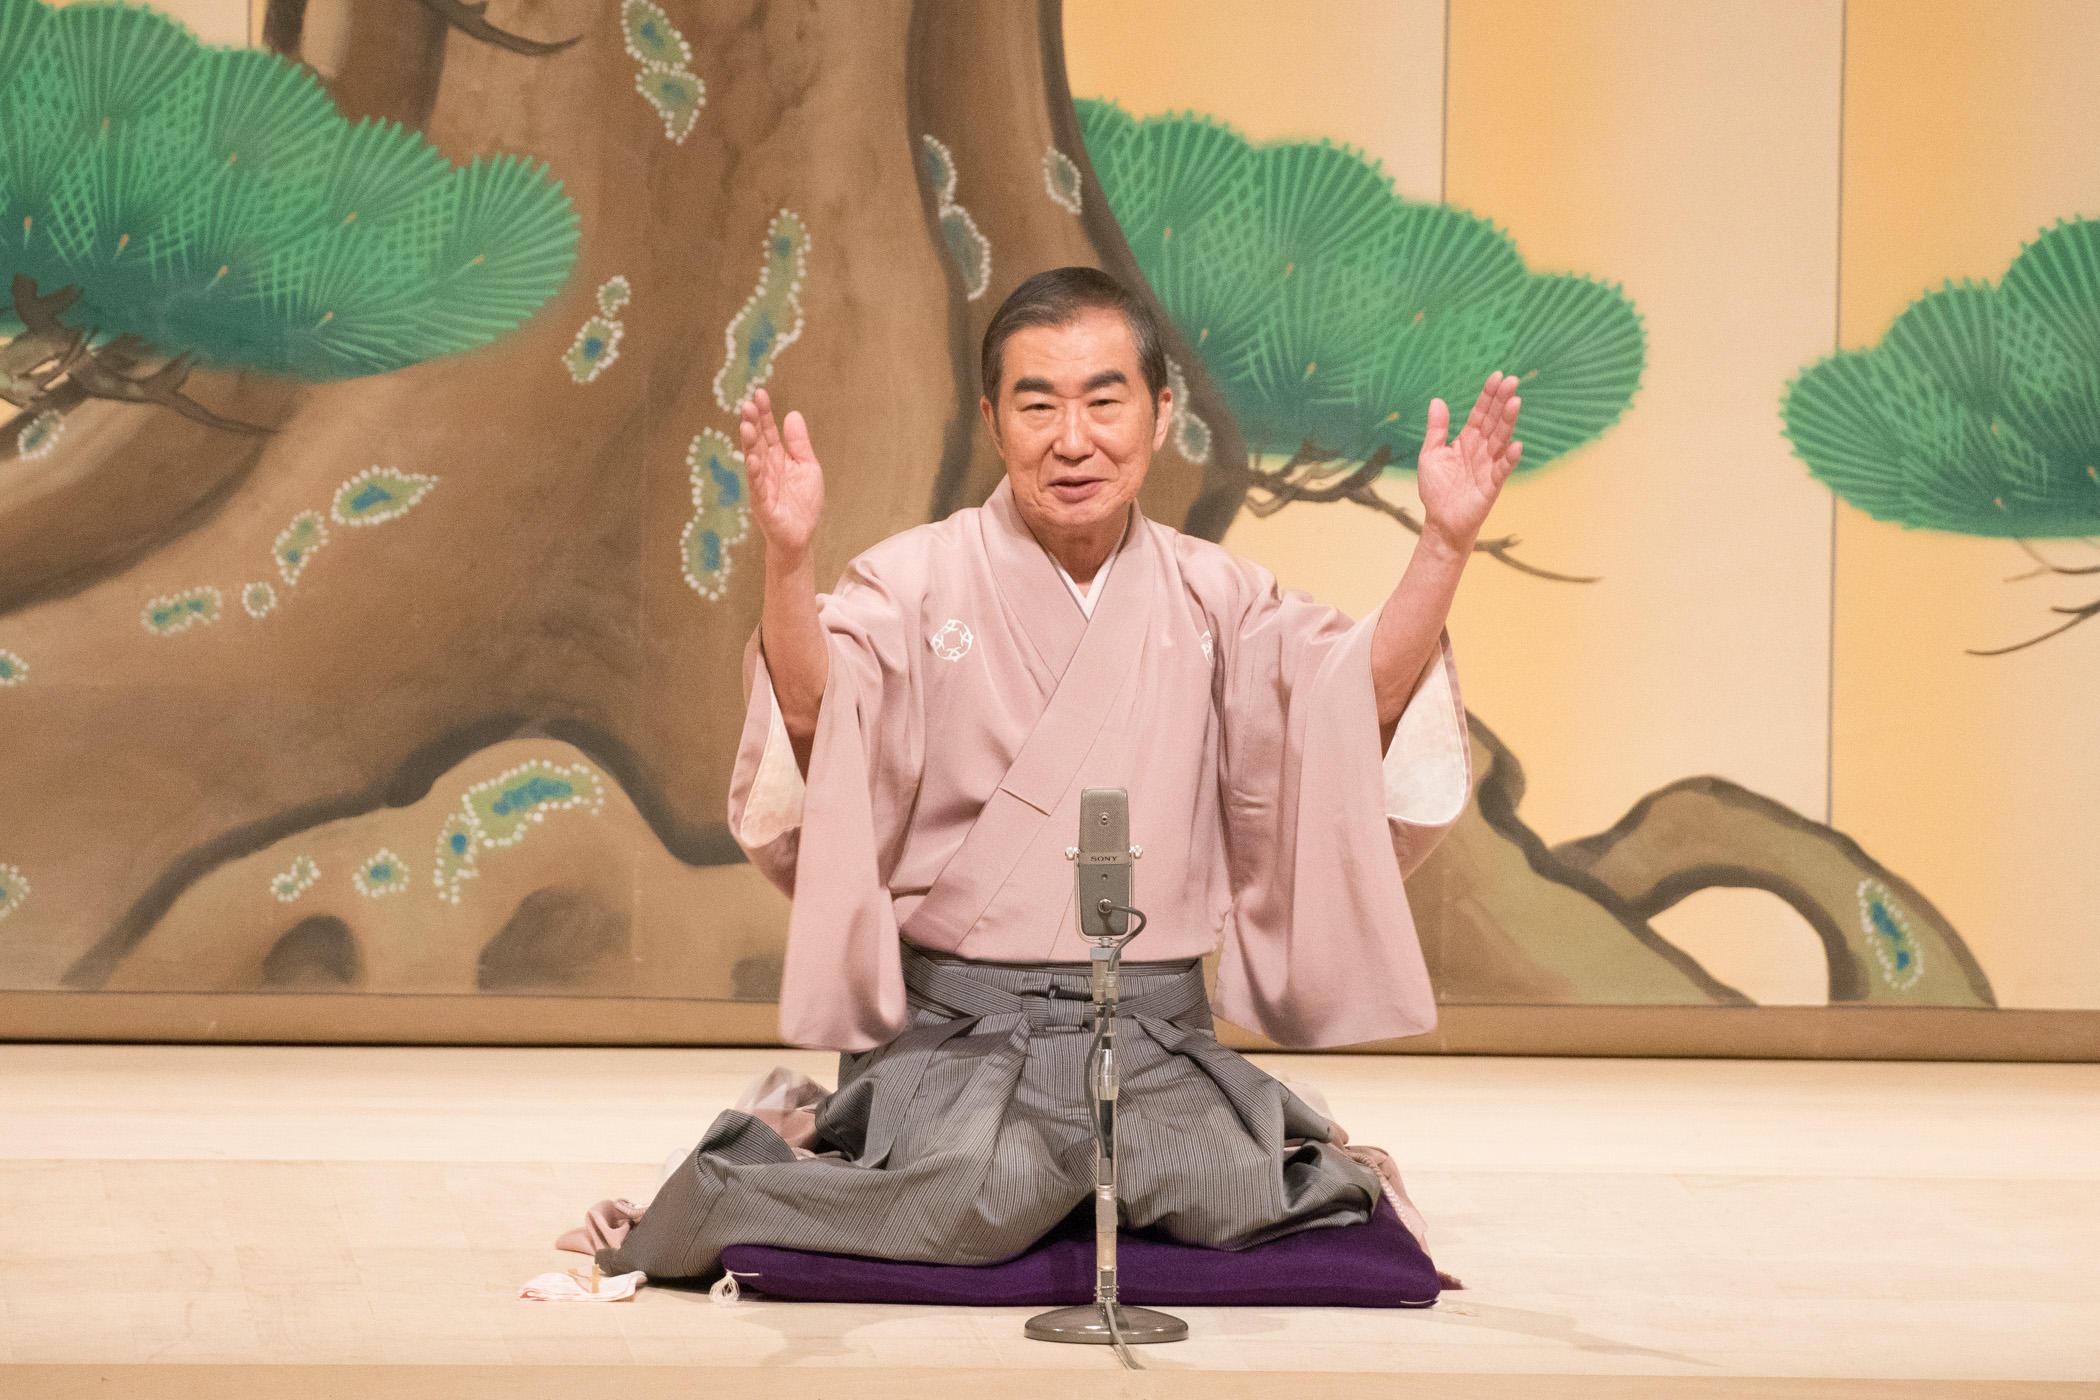 http://news.yoshimoto.co.jp/20170305011954-a8ad4e56f17d5928b0acb750495f8a95d3cdb81e.jpg